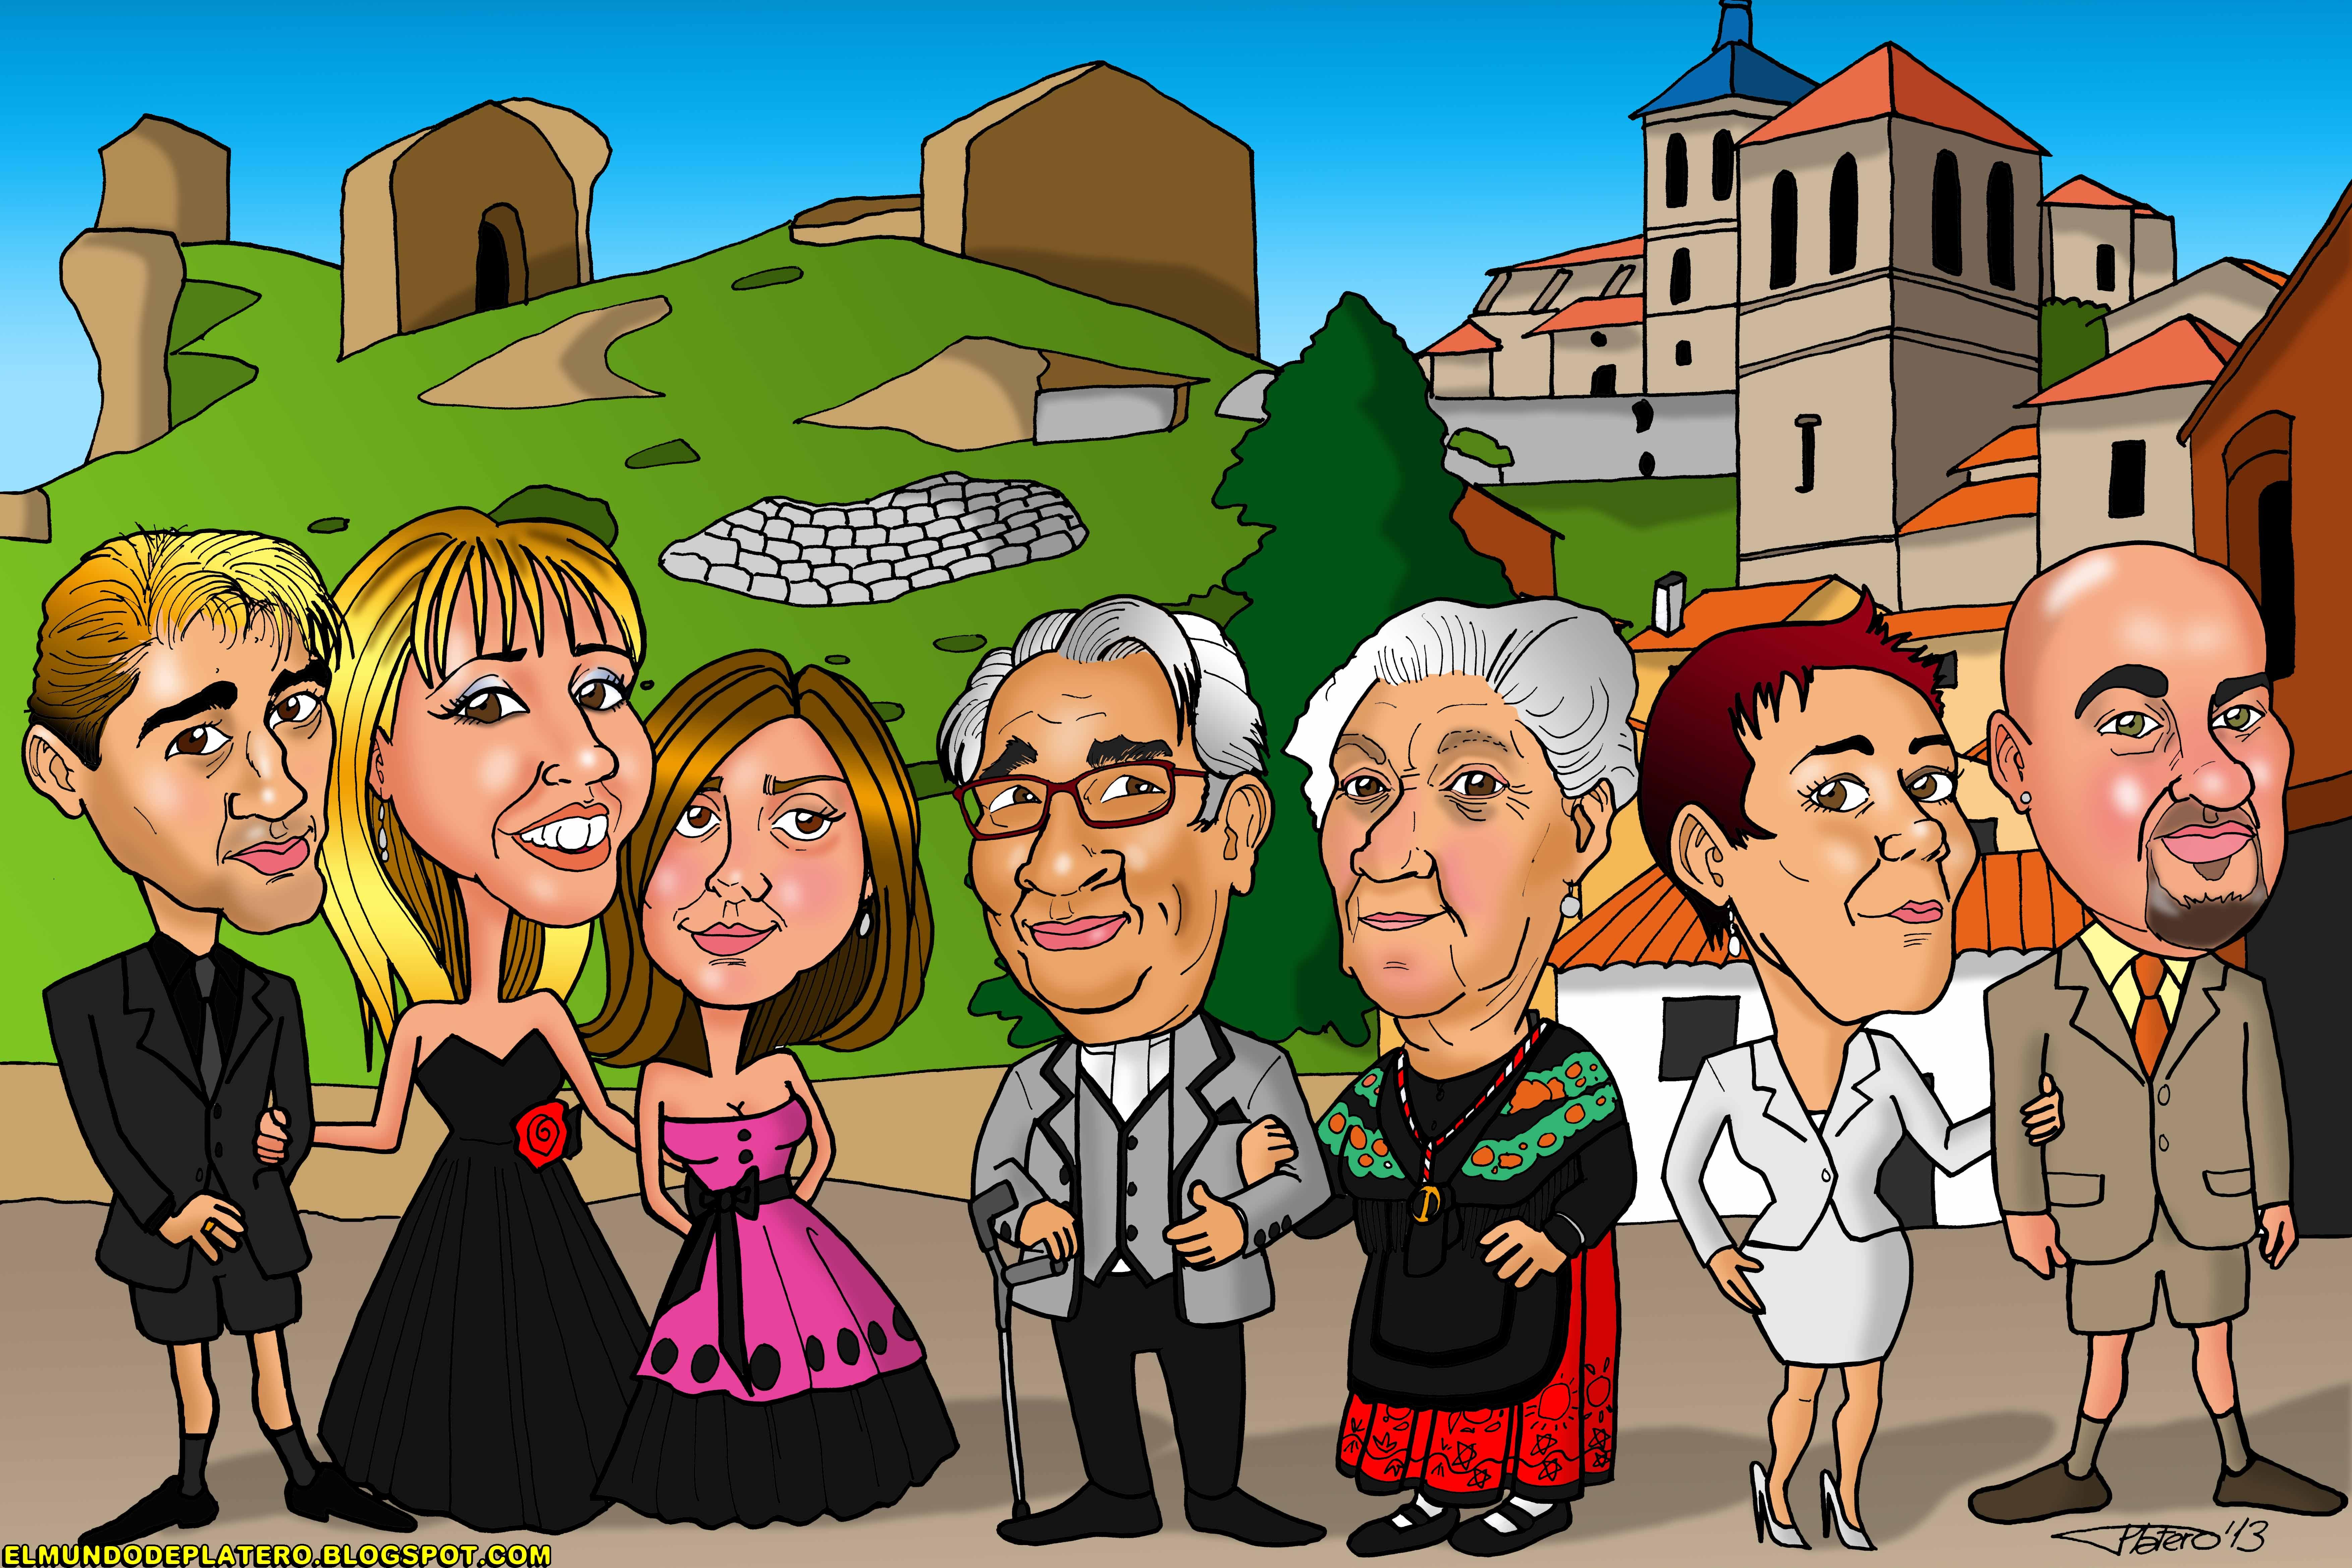 caricaturas a color por encargo personalizadas_familia_elmundodeplatero_josé lui